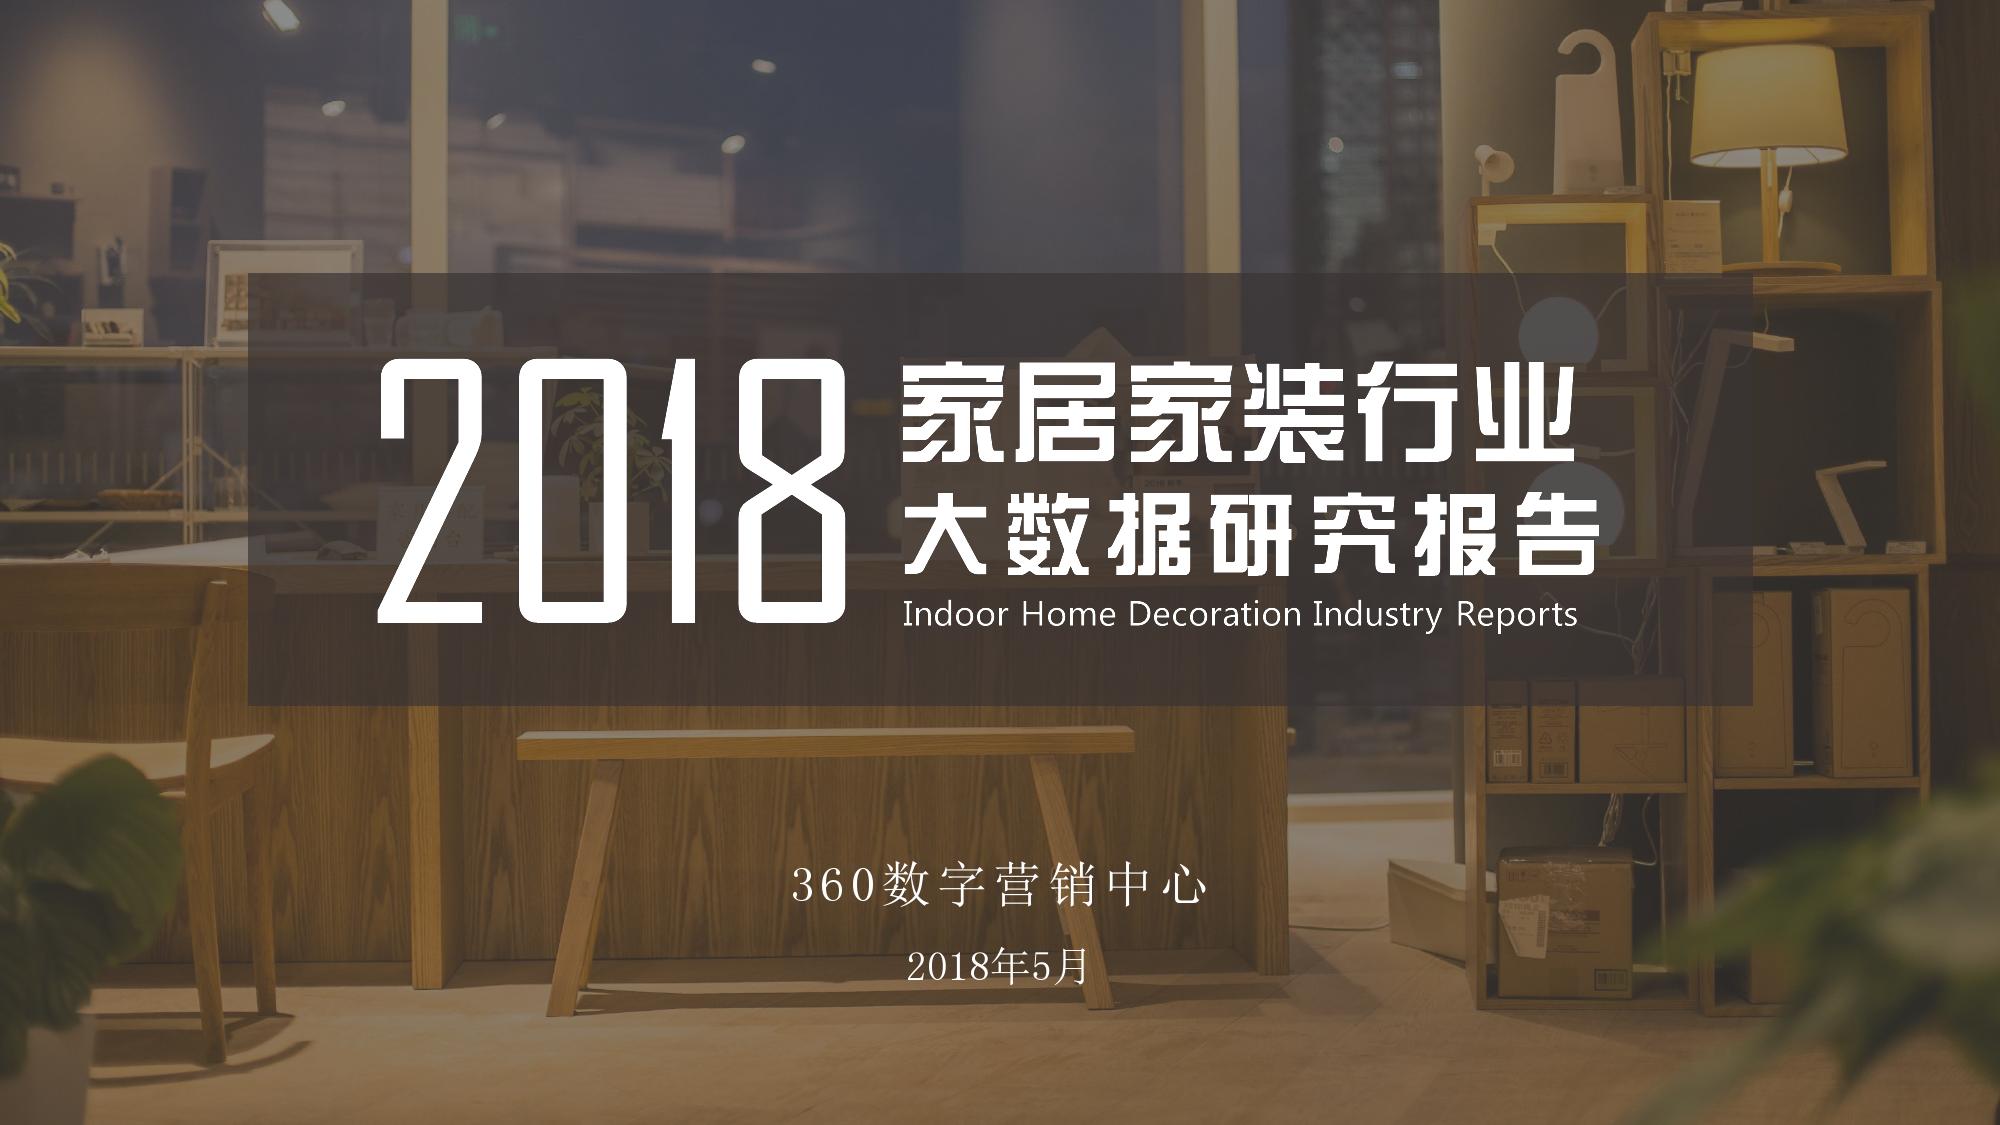 360:2018年家居家装行业大数据研究报告